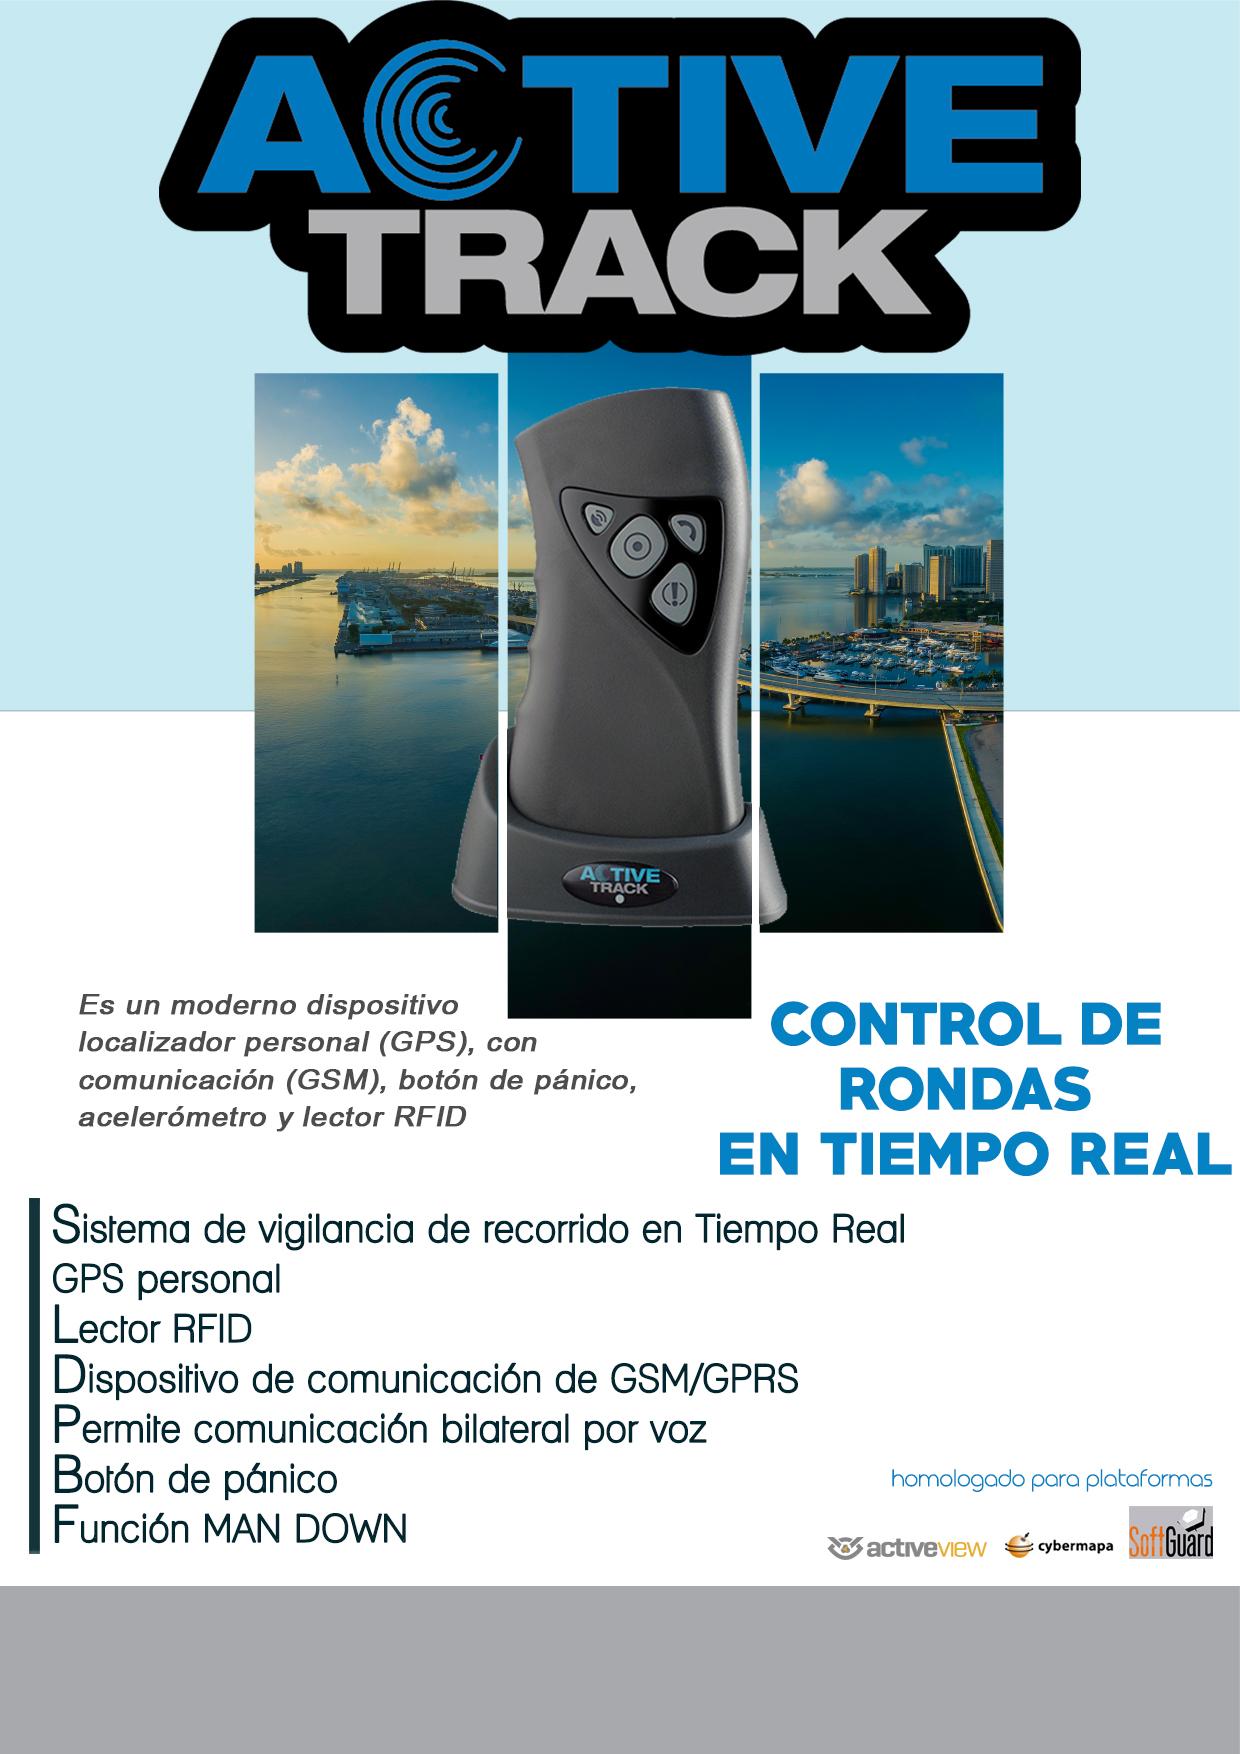 NUEVO! Active Track